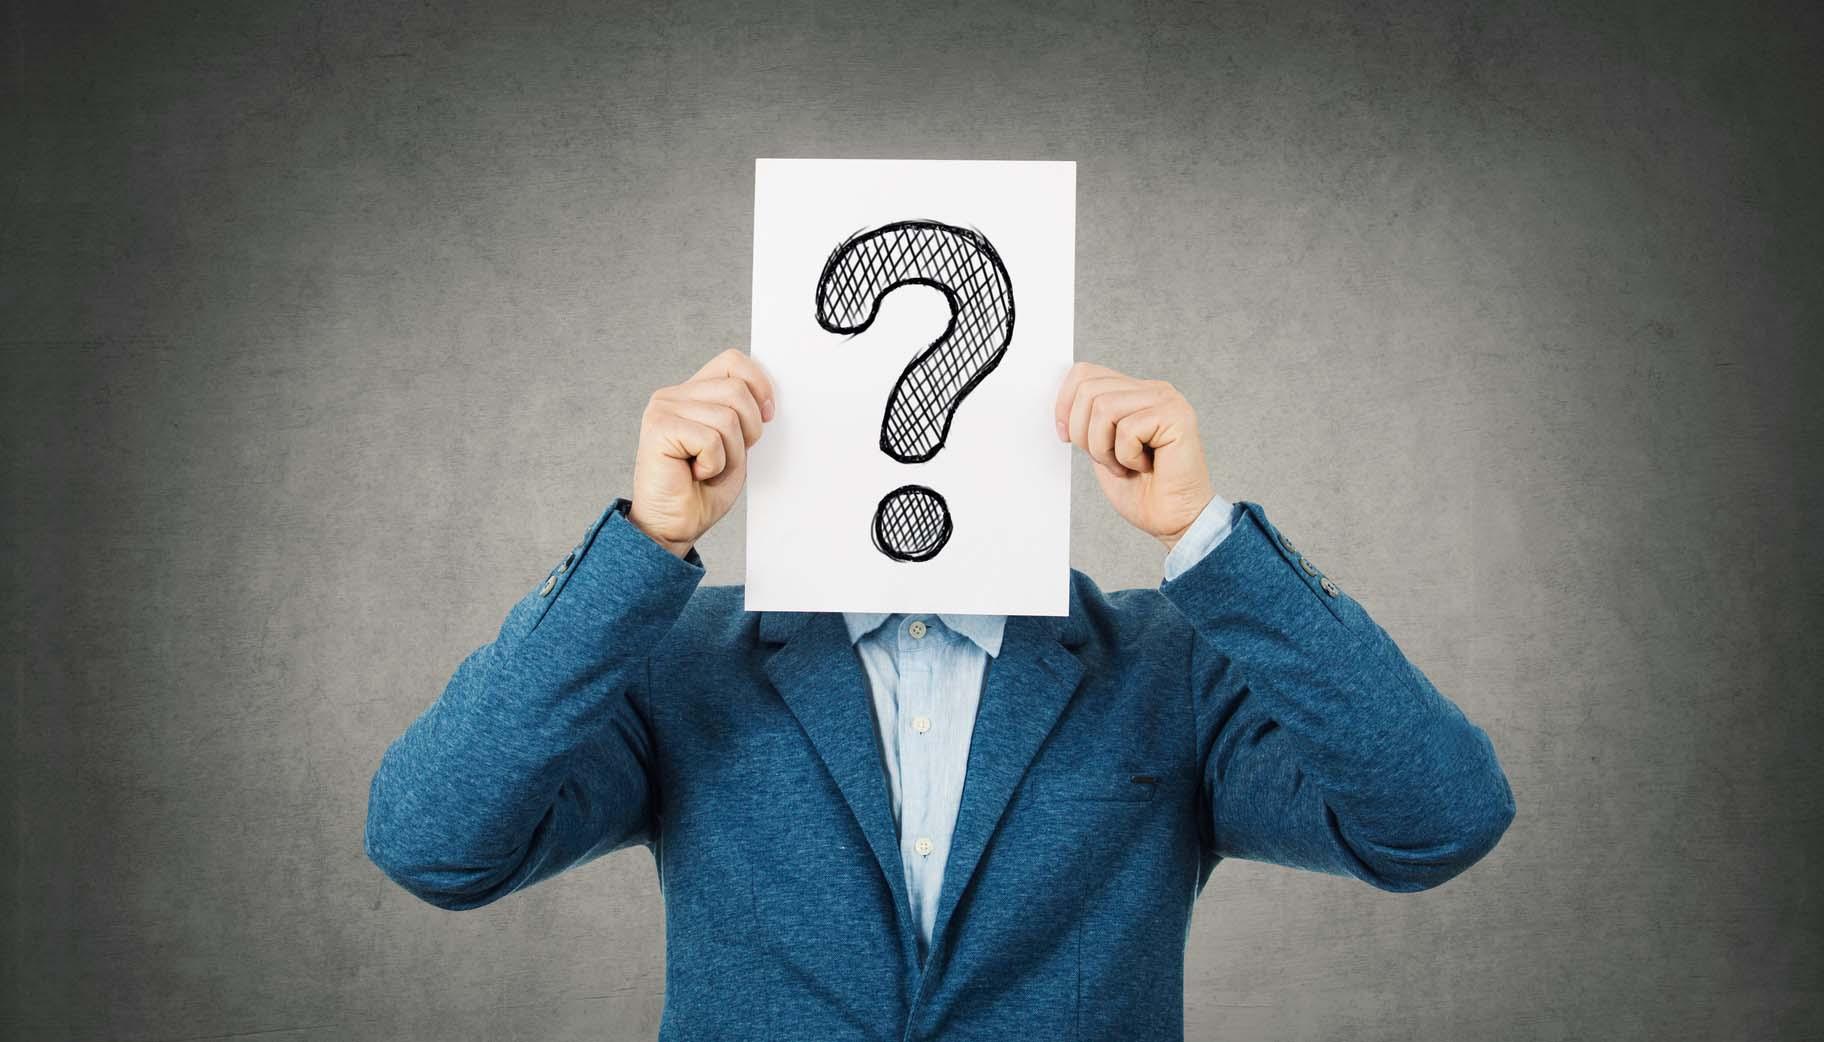 Kennen Sie die am häufigsten vergessene Aufgabe in Vereinen? Die Inventur!